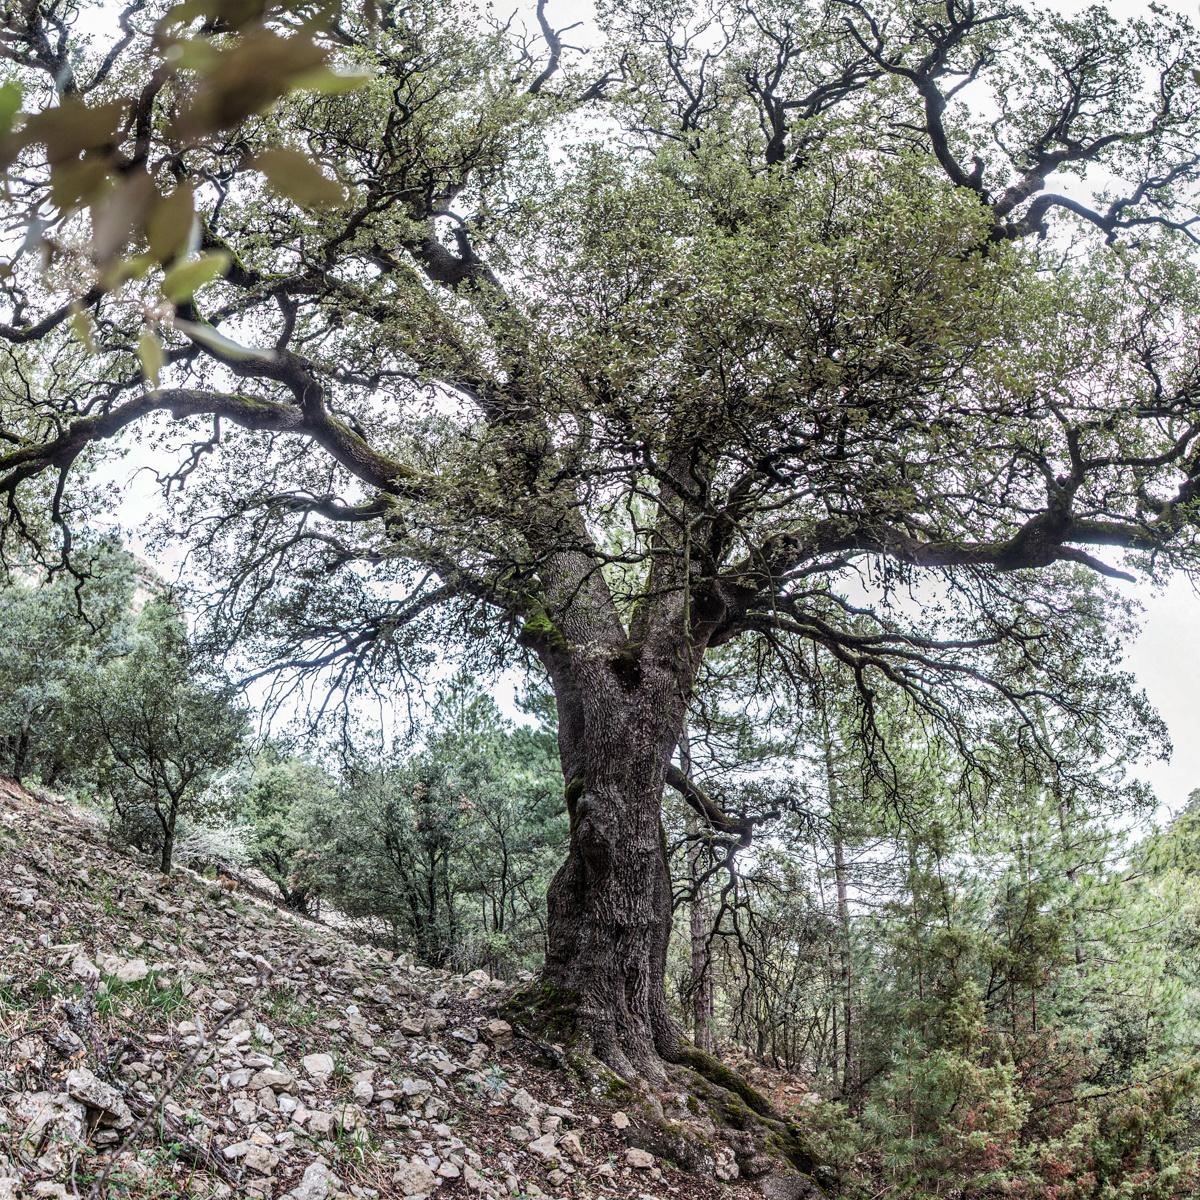 La Carrasca grossa de l'Escaleta (I) - Arbres de les nostres terres - LLUIS IBAÑEZ MELIA, Geografies als Ports Maestrat